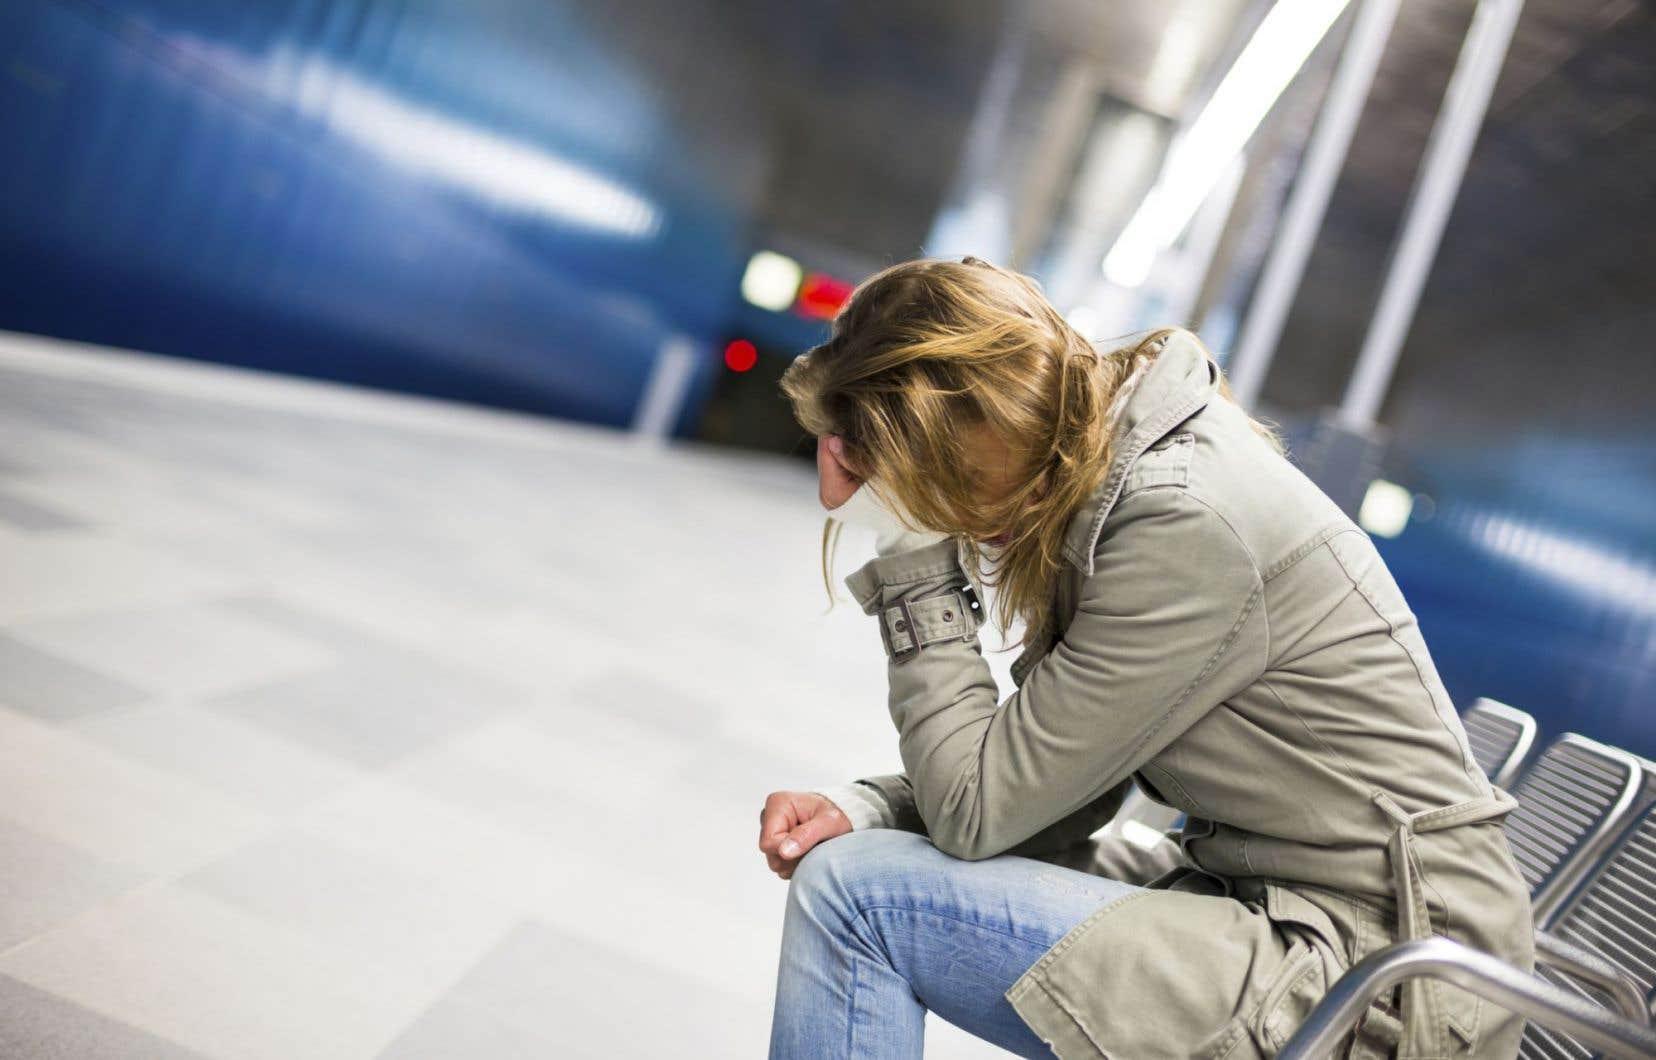 Lancée en 1999, la Stratégie nationale pour la prévention du suicide, axée sur la sensibilisation et les mesures de soutien aux personnes à risque, semble porter ses fruits.